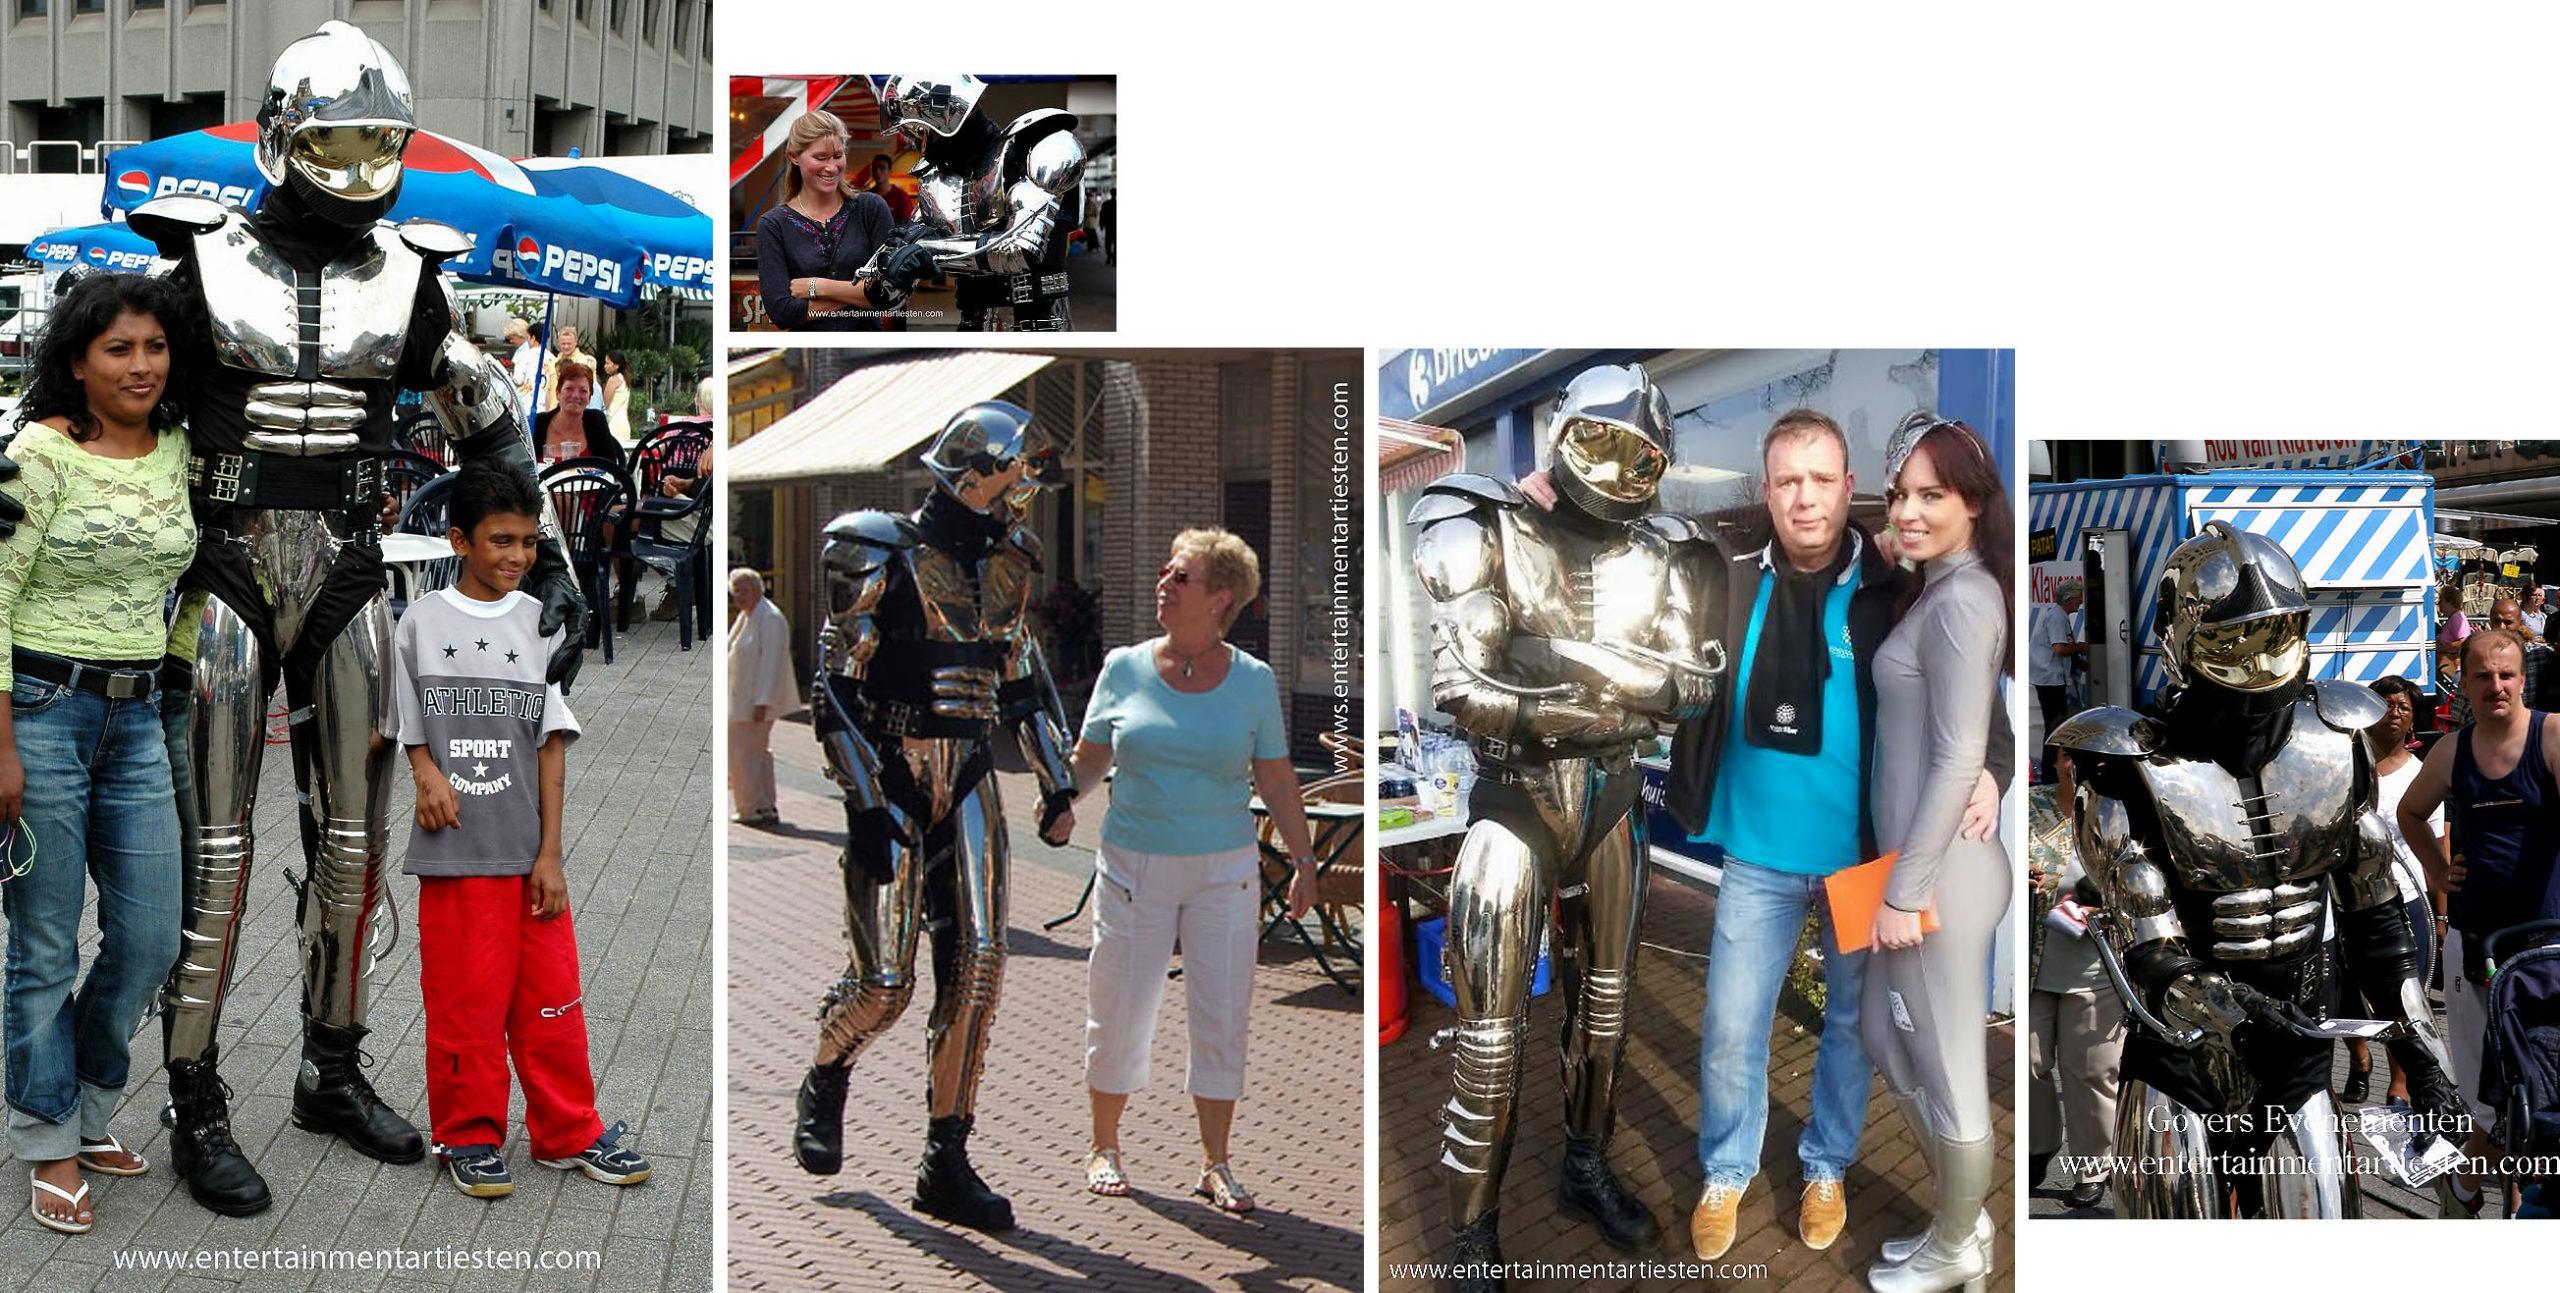 Straattheater : Met deze ROBOT, een spectaculaire futuristische straatanimatie wil iedereen mee op de foto, robot-act, mars act, planeten, space act, Govers Evenementen, www.goversartiesten.nl